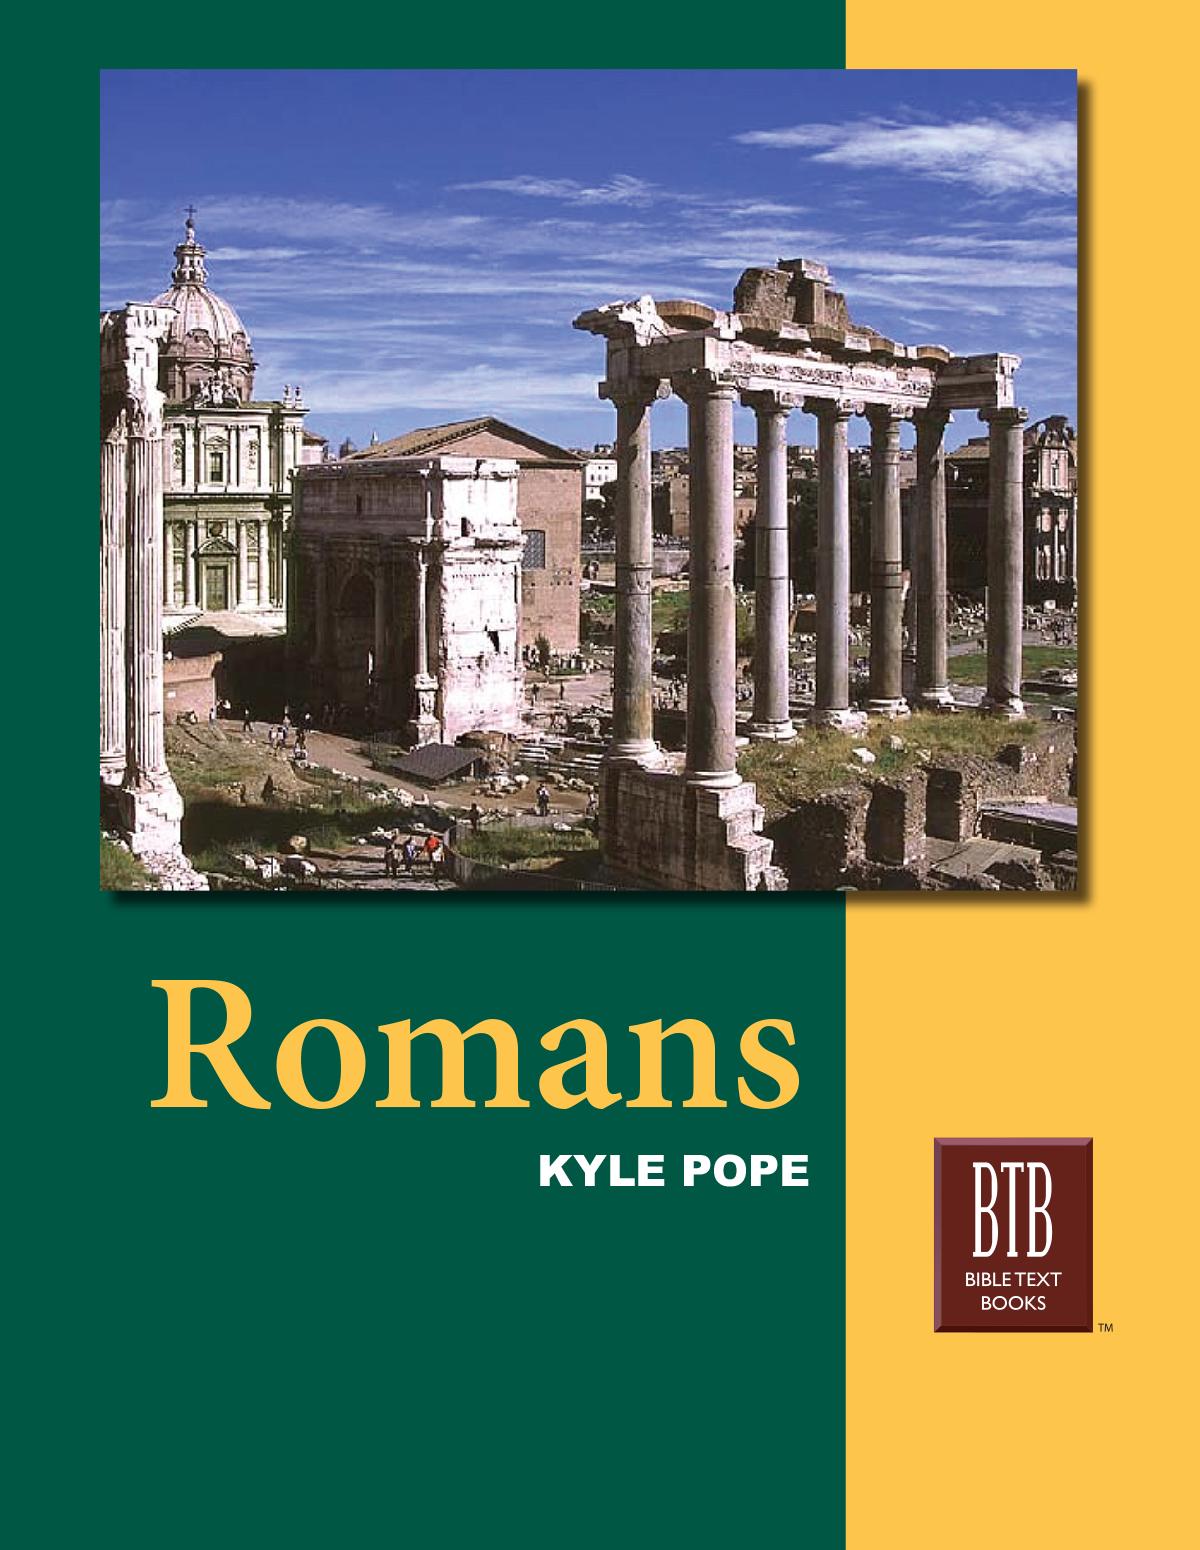 btb-romans-cover-front.png